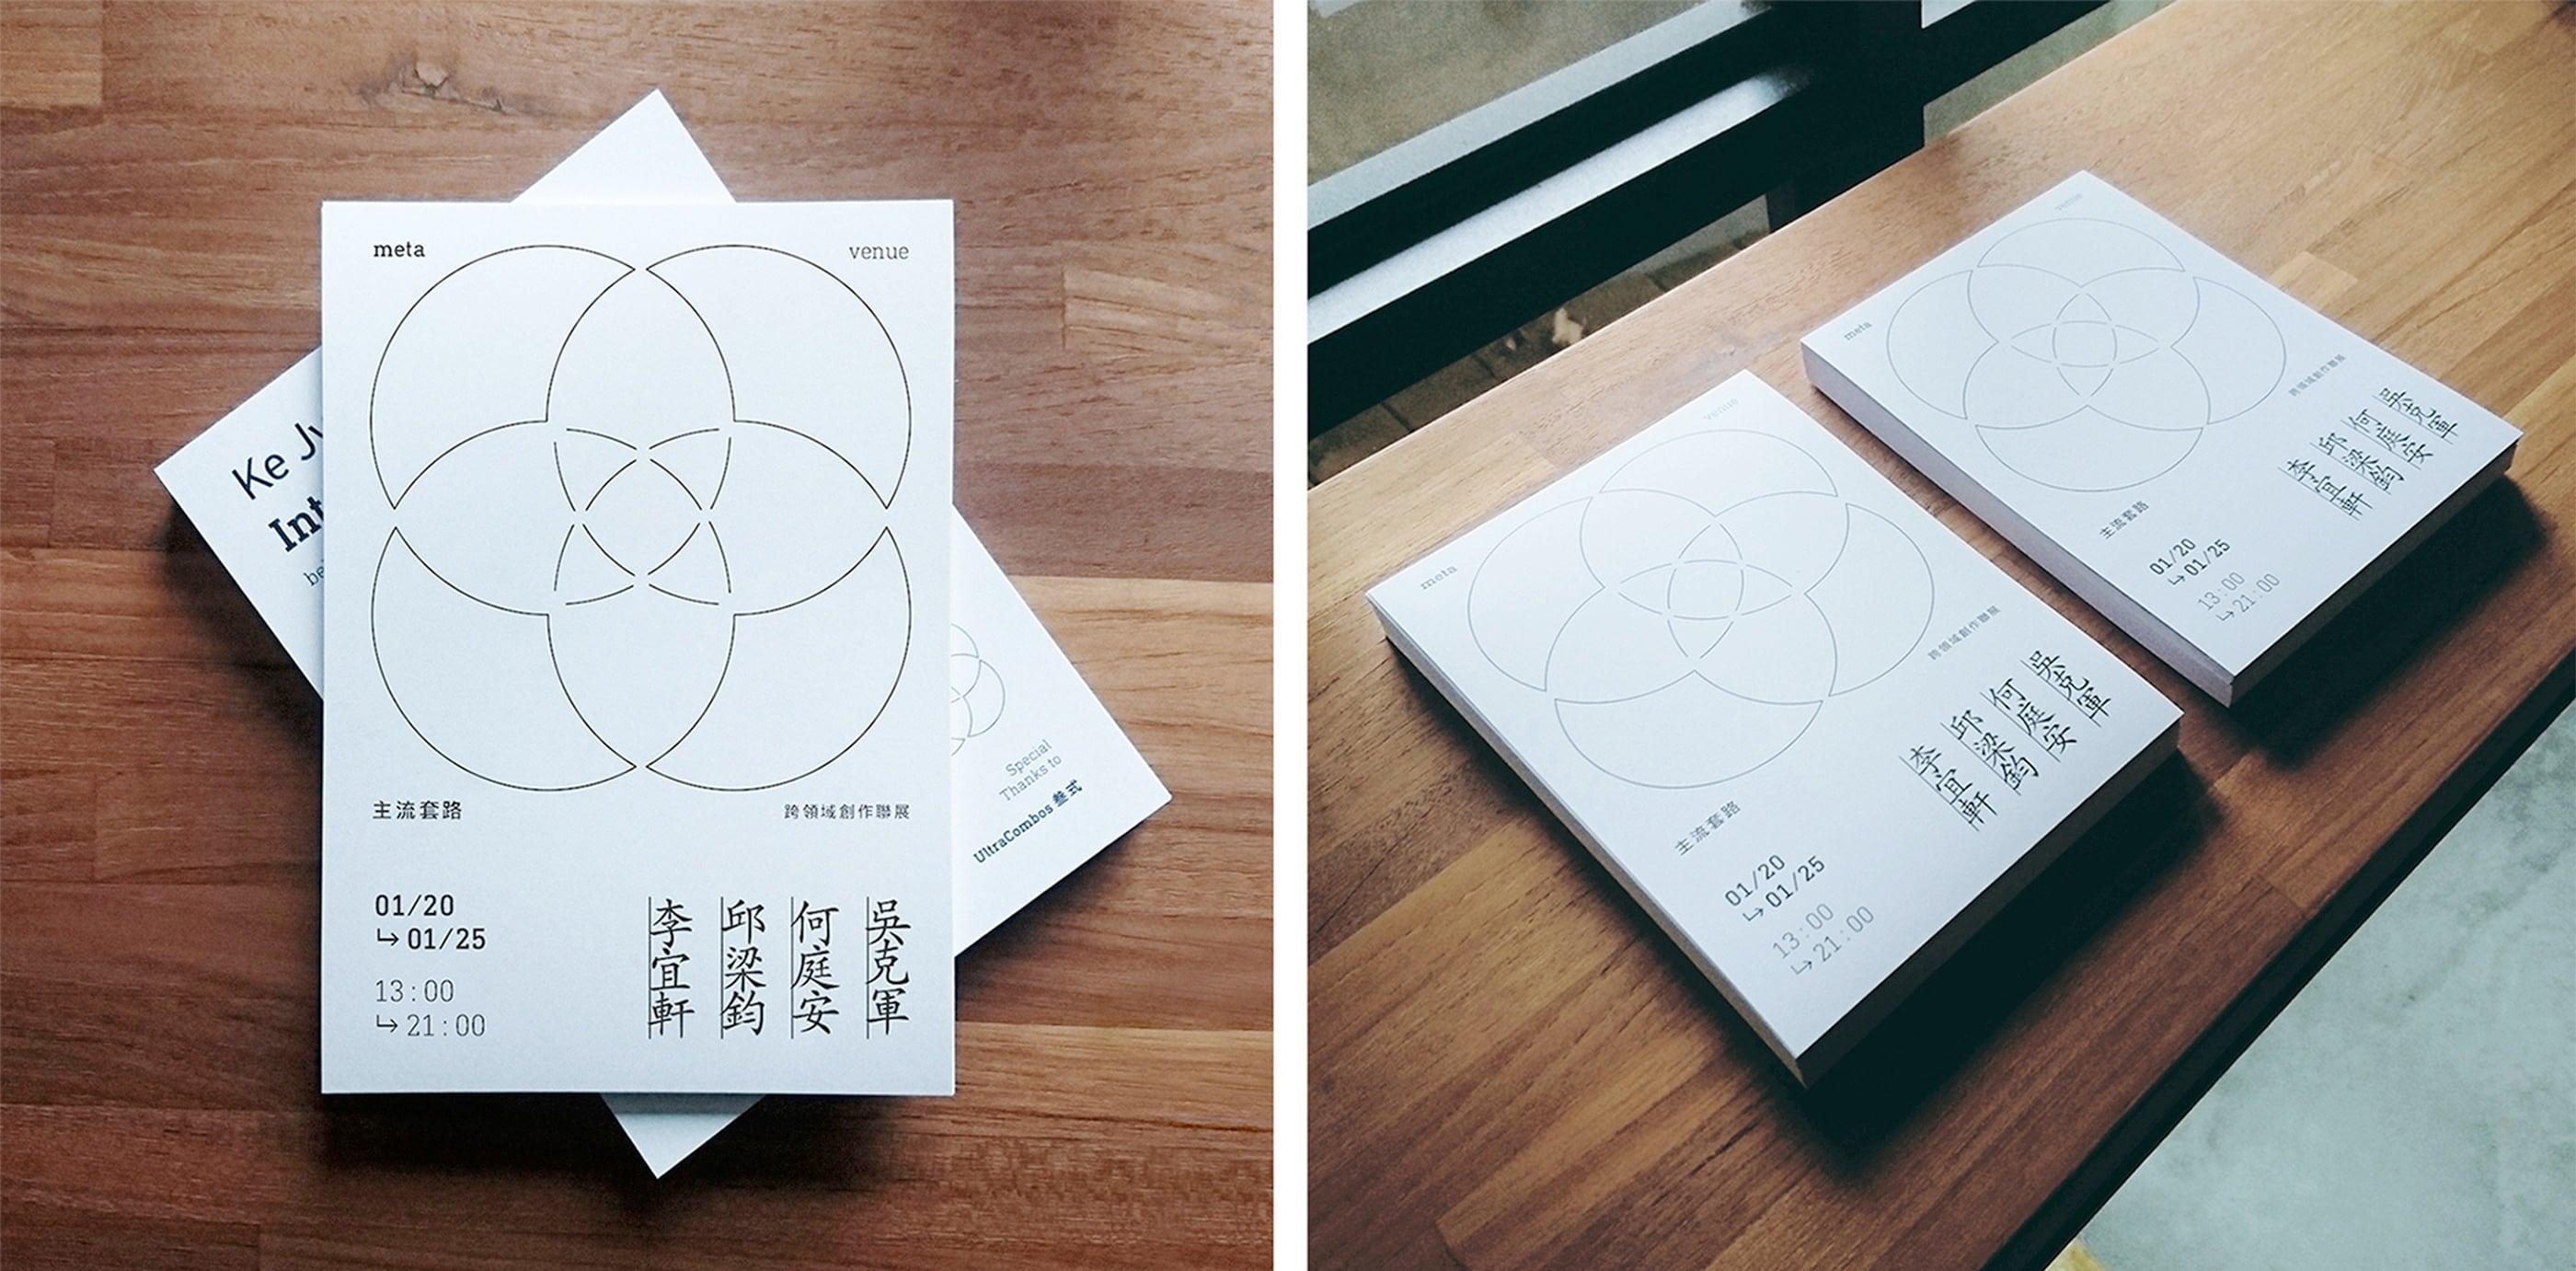 优设圆桌:设计师要不要紧跟设计趋势?